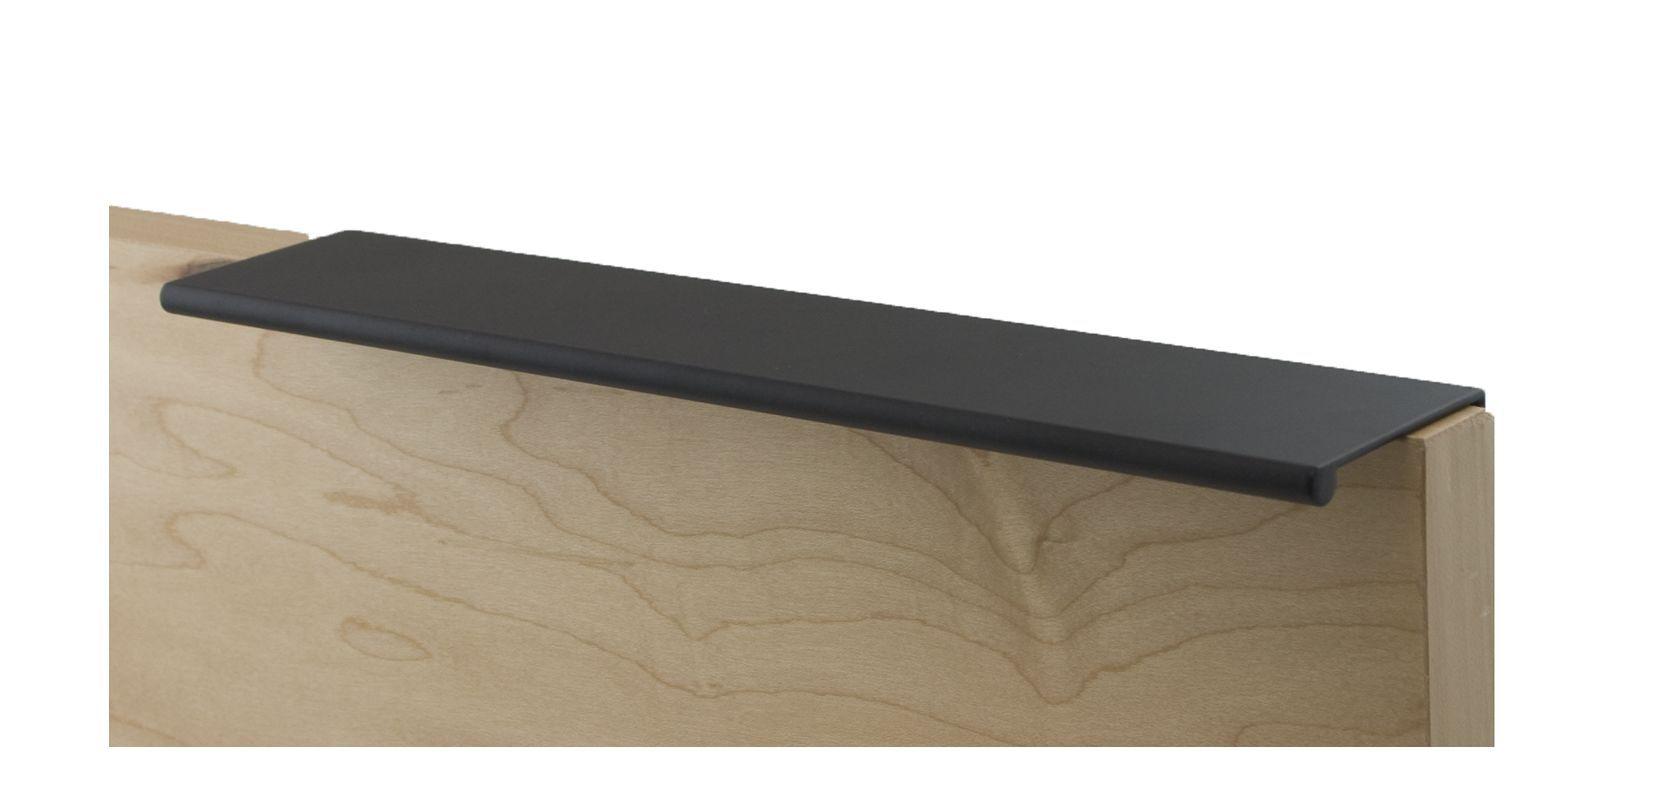 Berenson 1065 Bravo 9-1/16 Inch Long Finger Cabinet Pull Satin Black Cabinet Hardware Pulls Finger